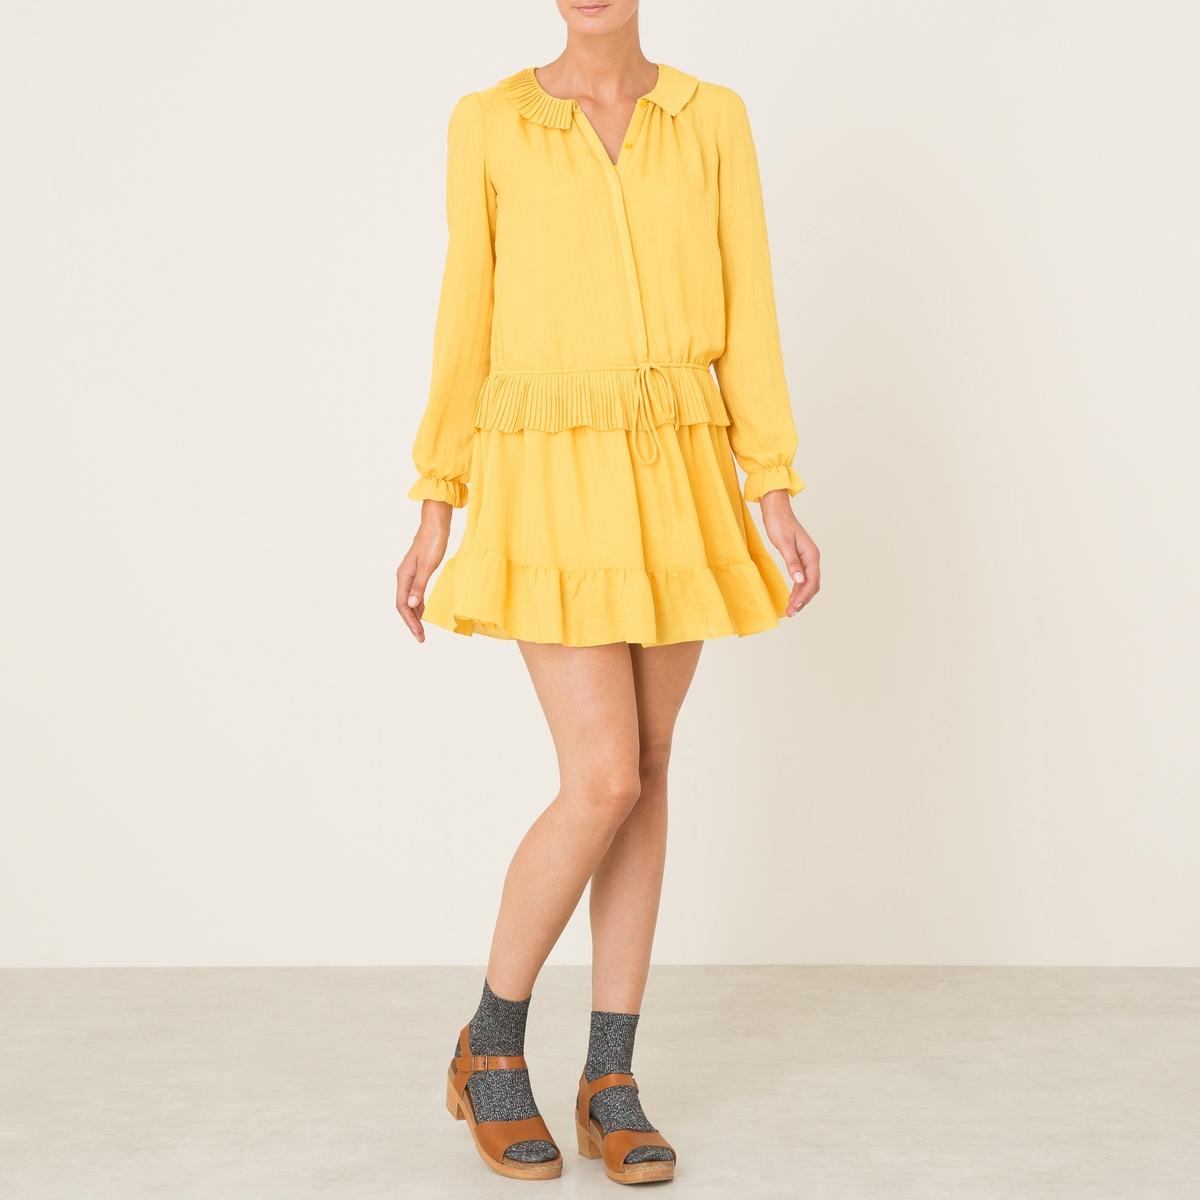 Платье FLORINEСостав и описание :Материал : 100% полиэстерМарка : ATHE VANESSA BRUNO<br><br>Цвет: охра